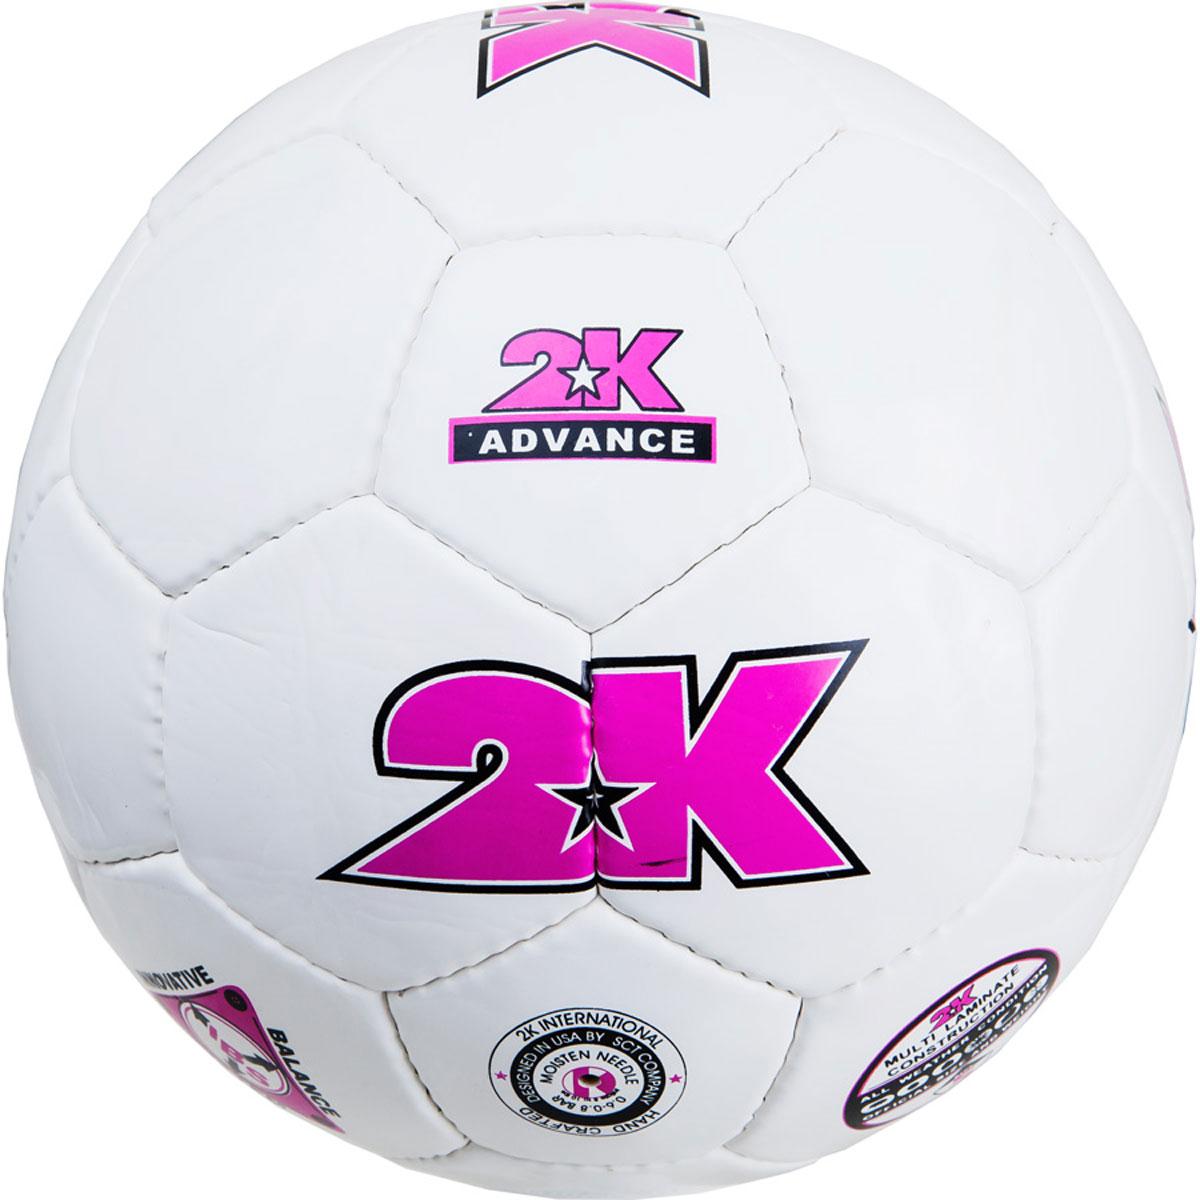 Мяч футбольный 2K Sport Advance, цвет: белый, фиолетовый. Размер 5127048Любительский футбольный мяч 2K Sport Advance изготовлен из полиуретана. Бесшовная камера выполнена из натурального латекса. Сшивка производилась вручную. Швы проклеены для герметизации.